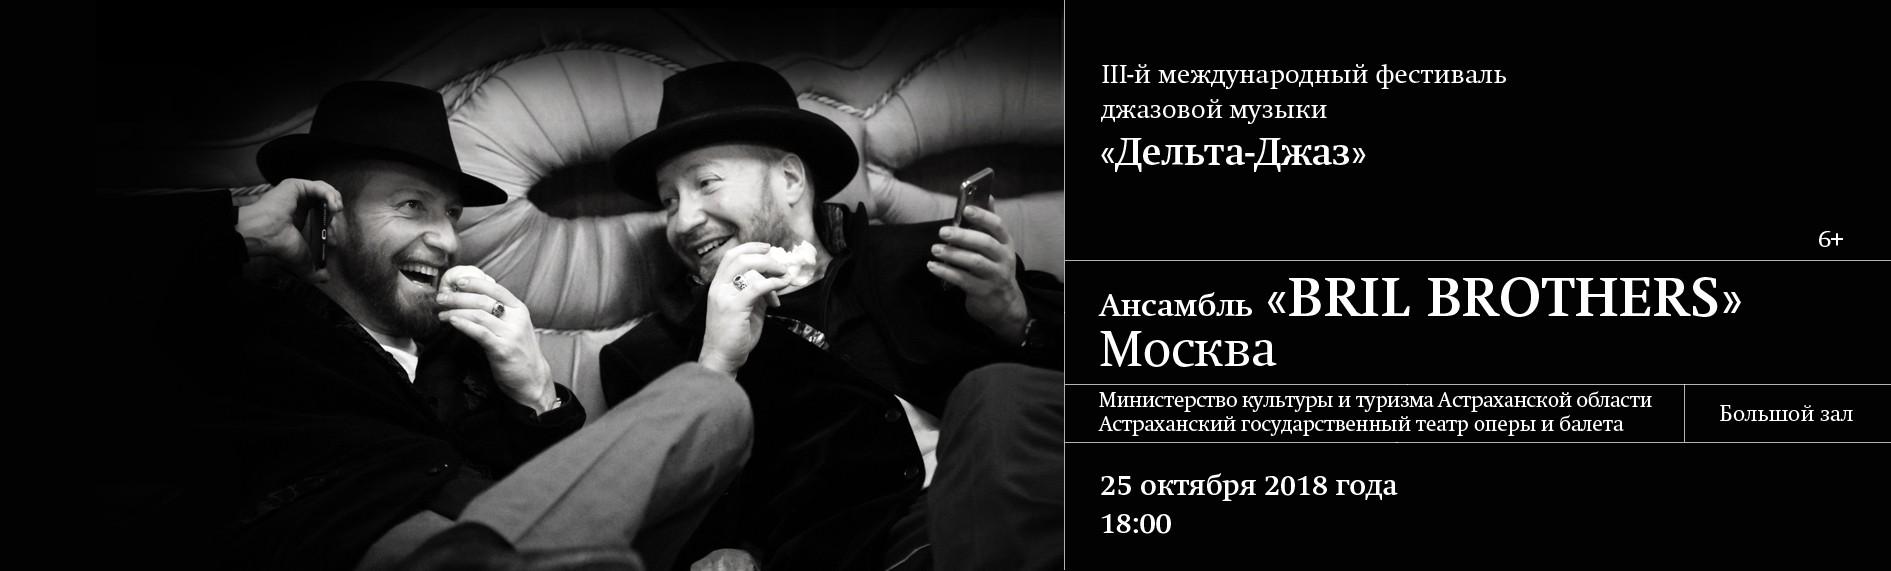 """Международный фестиваль """"Дельта-джаз"""". """"Братья Брилль"""", г.Москва"""